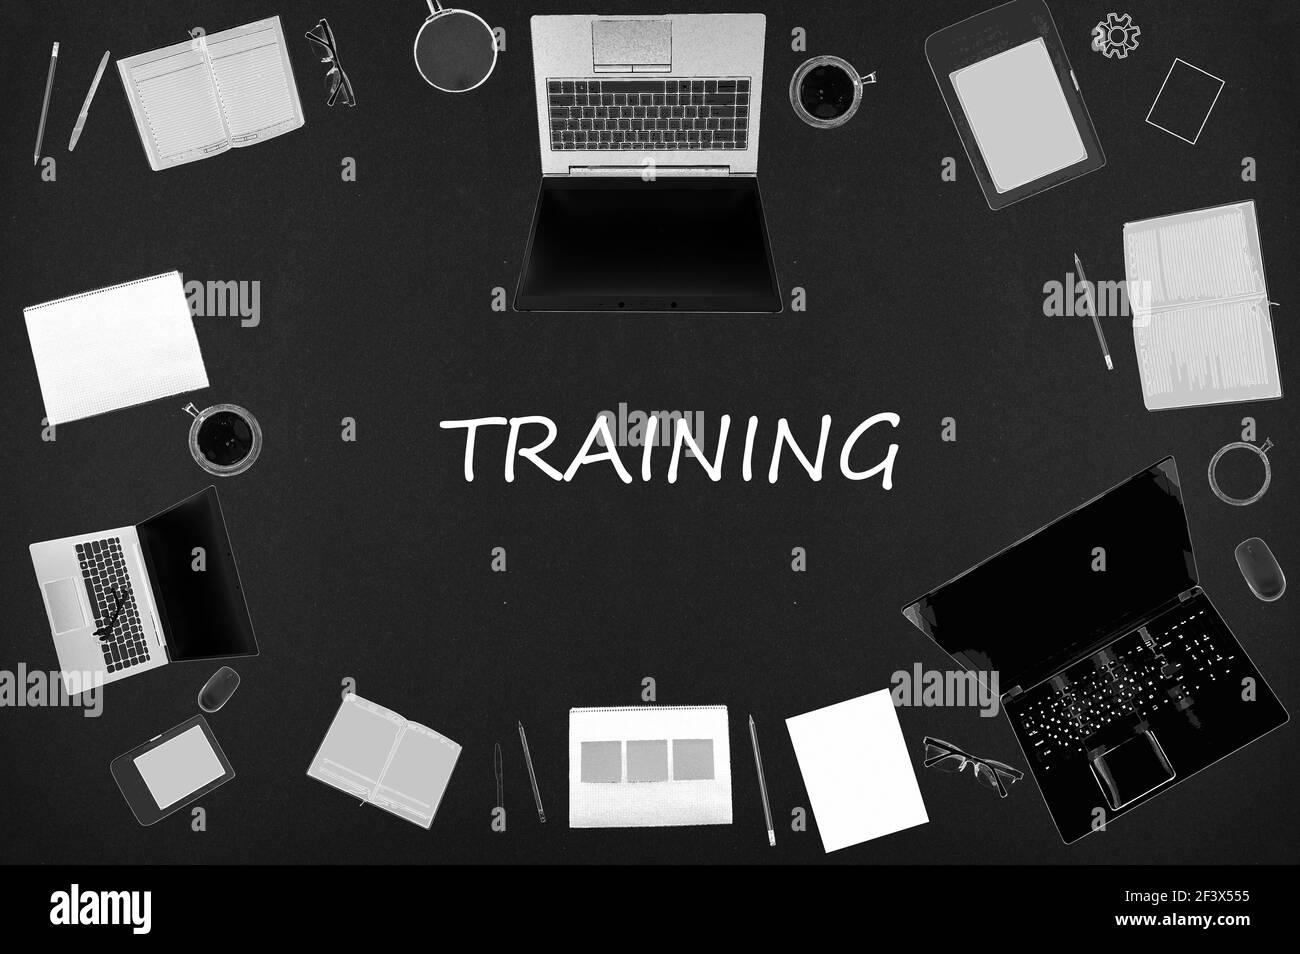 Concept de formation. Mise en page supérieure de dessins d'ordinateurs portables, de blocs-notes, de café, de différentes affaires sur fond noir. Banque D'Images